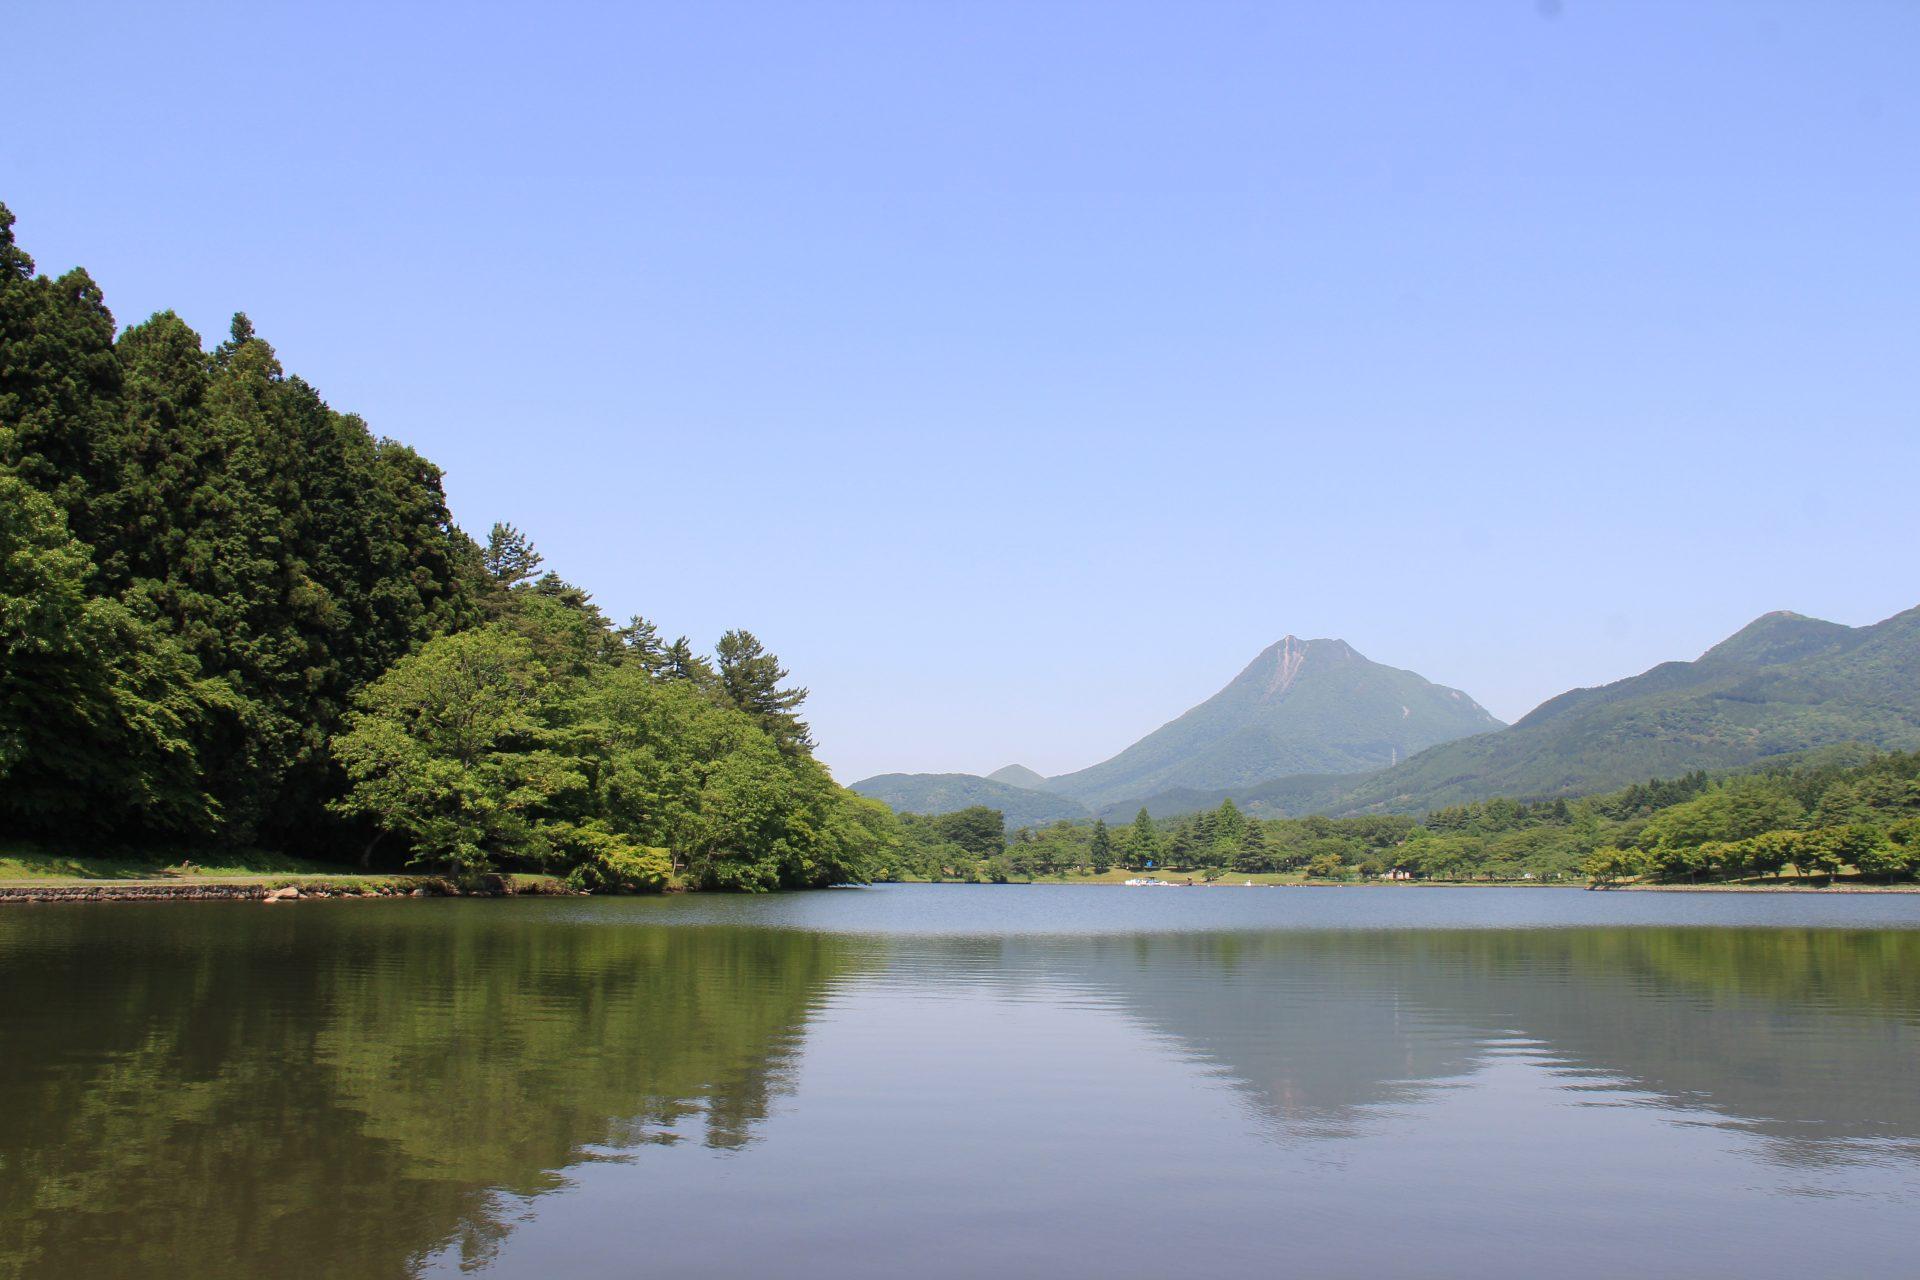 志高湖 しだかこ 別府市 大分県 観光 名所 人気 おすすめ 九州 旅行